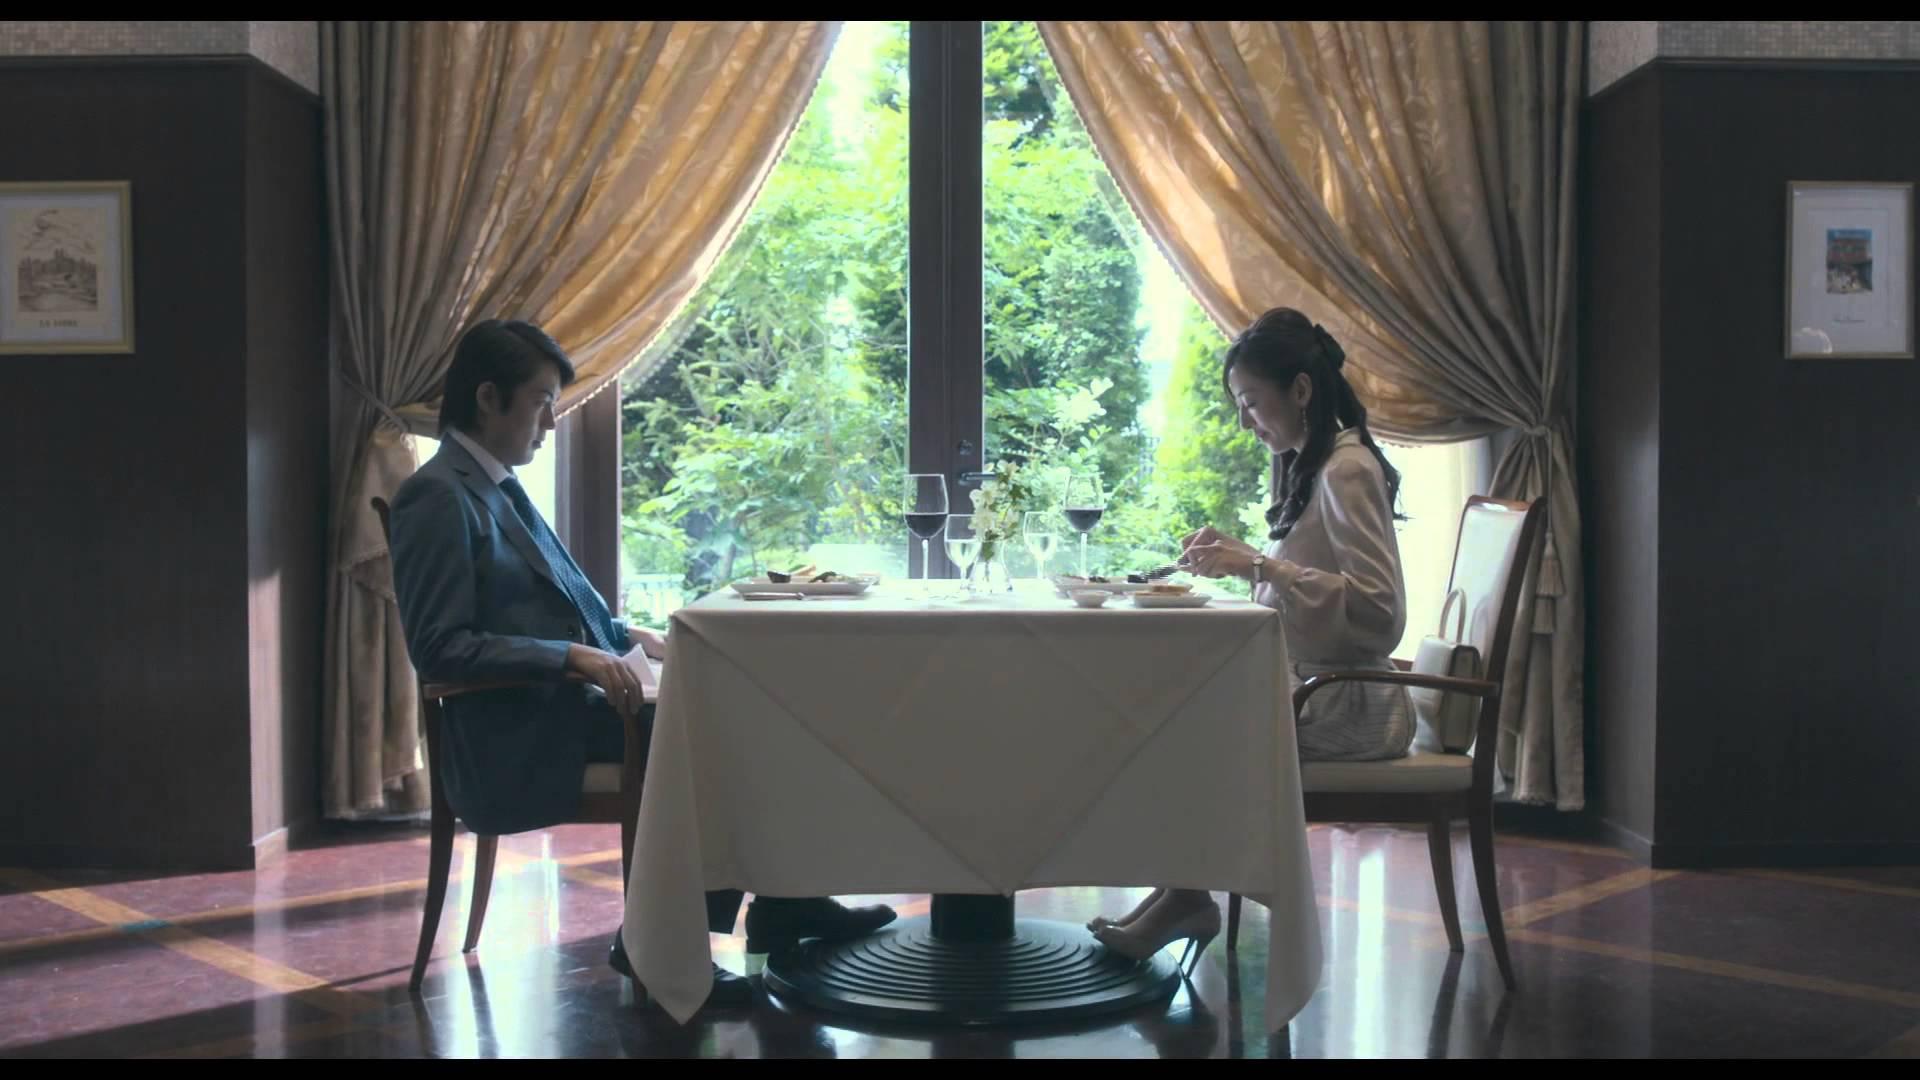 村本大輔が映画初出演!『at Home アットホーム』